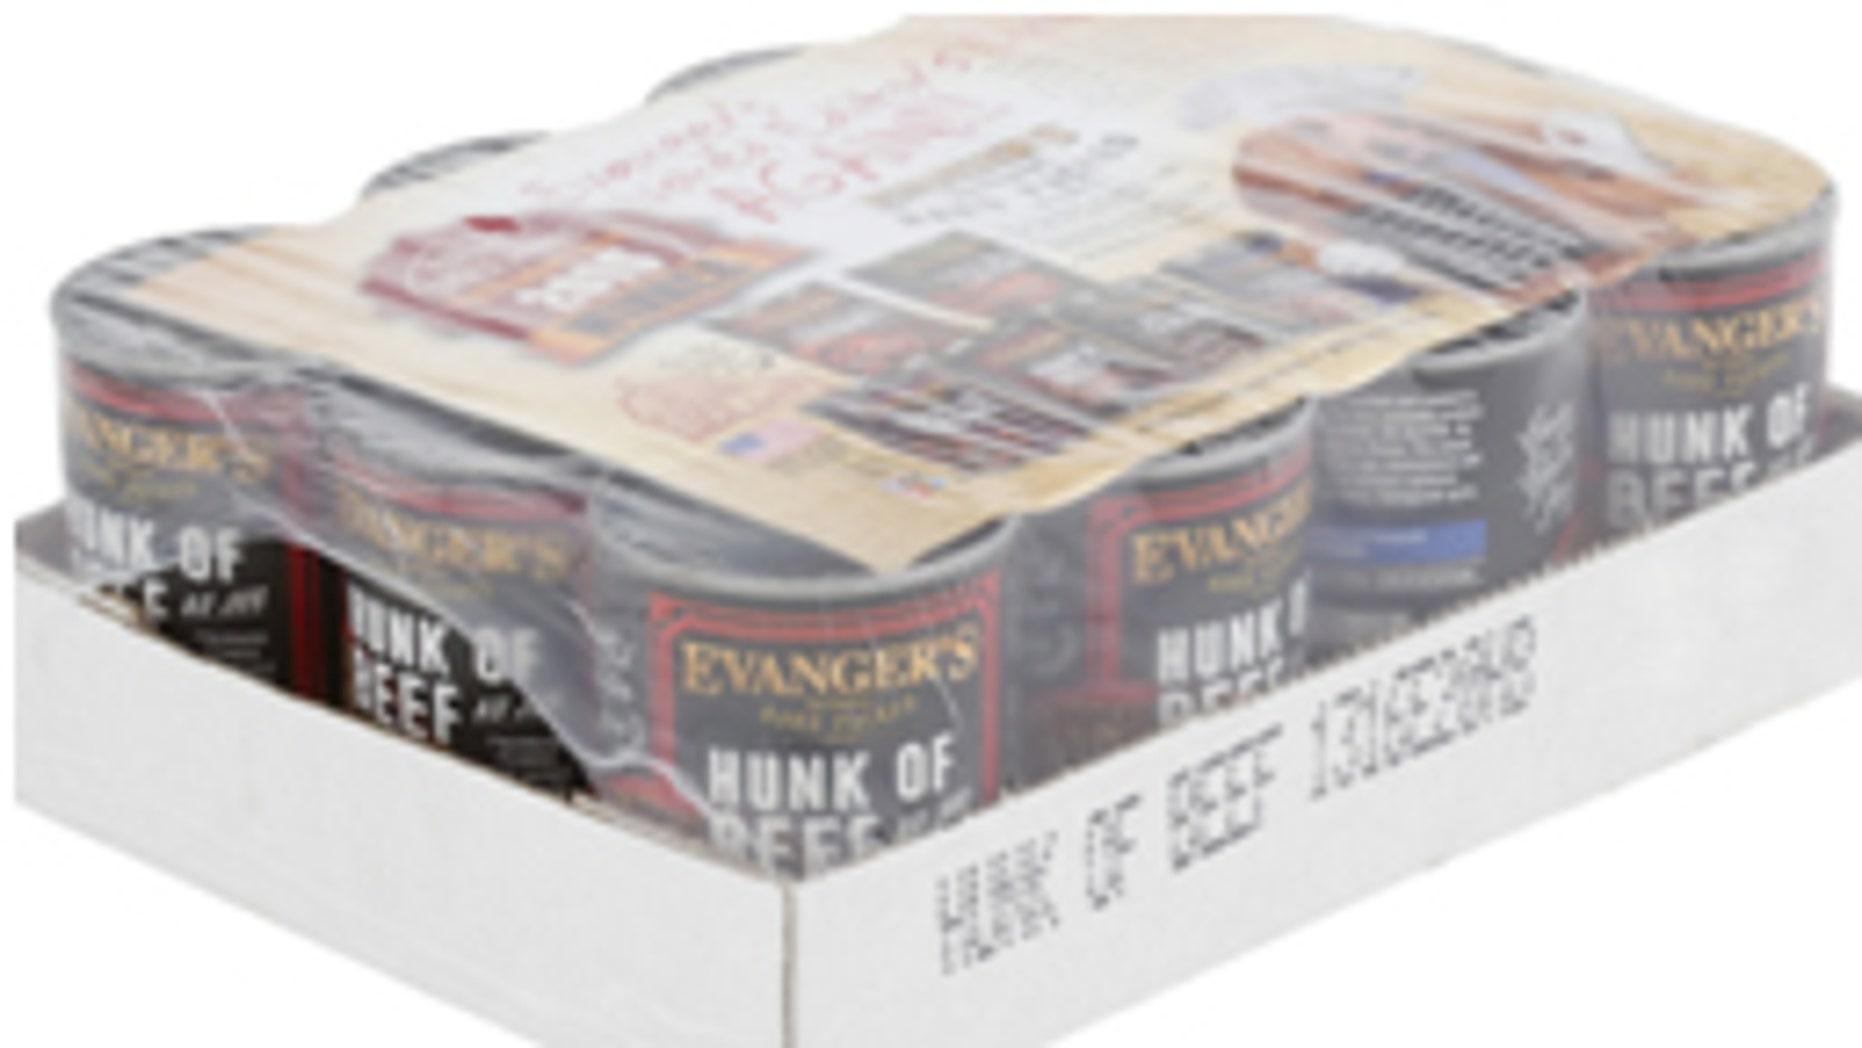 Evanger's Hunk of Beef product has been voluntarily recalled.